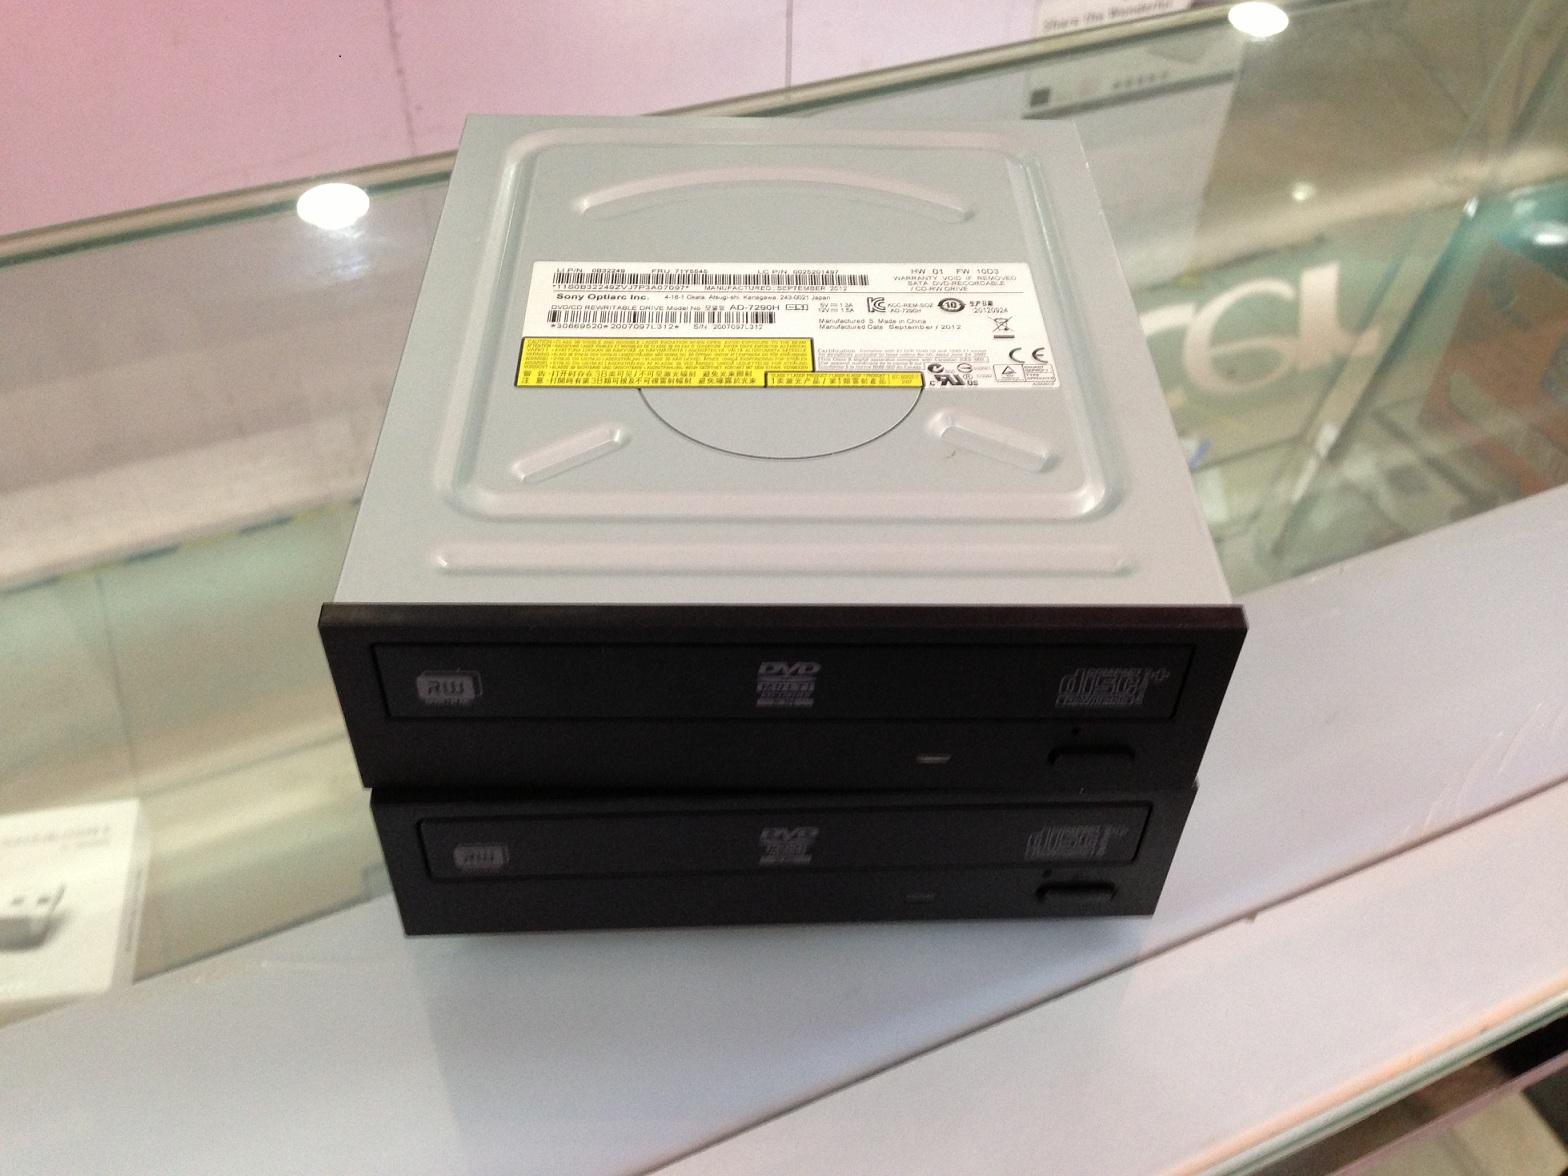 全新拆机联想  惠普 DVD刻录机光驱台式内置 串口CD 刻录机dvd-rw